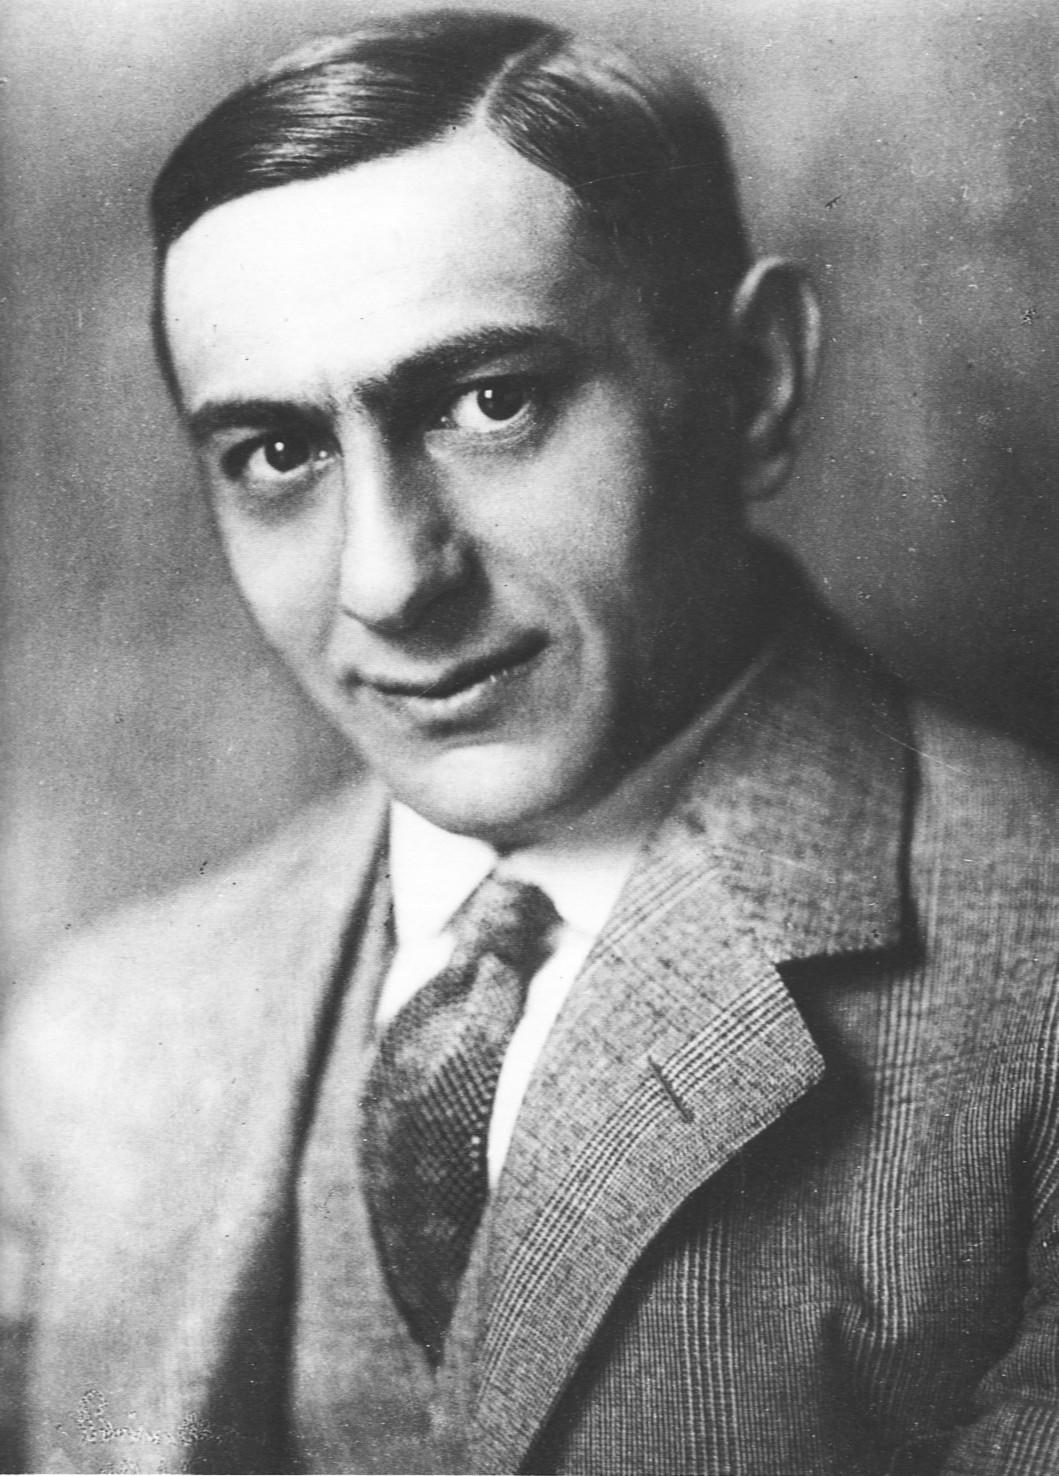 Ernst Lubitsch en 1920 (photo d'Alexander Binder)